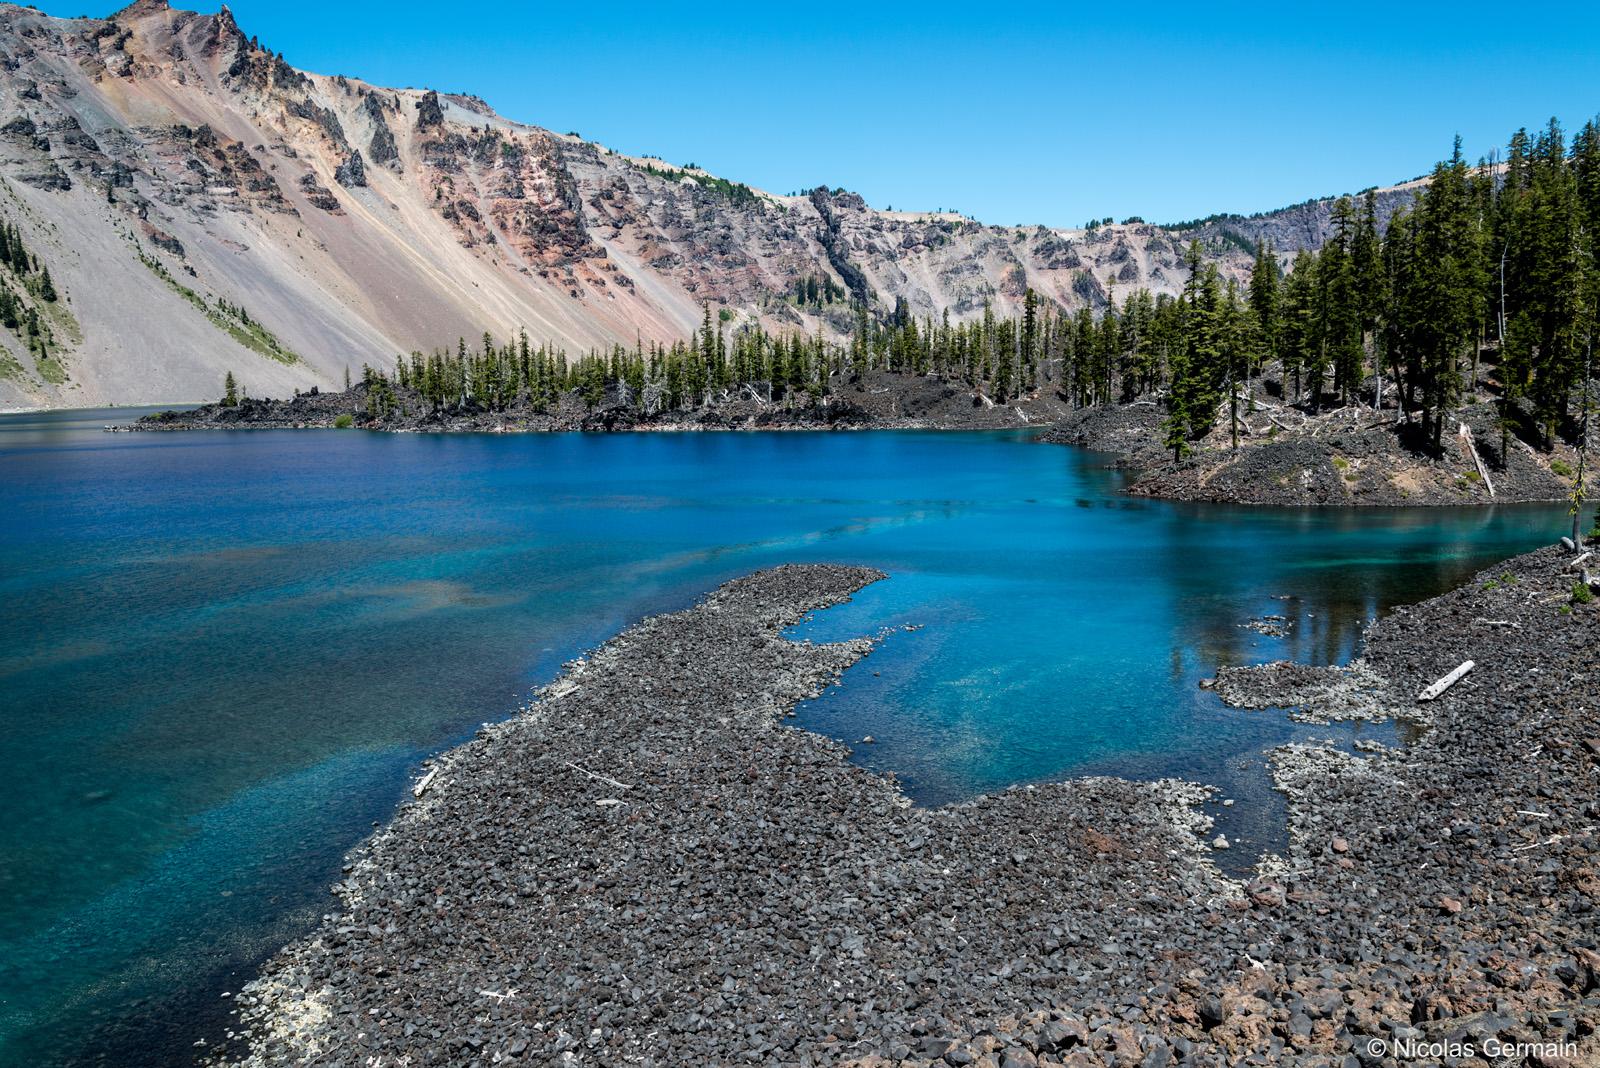 Eaux turquoises et transparentes près de Fumarole Bay, sur Wizard Island, Crater Lake National Park